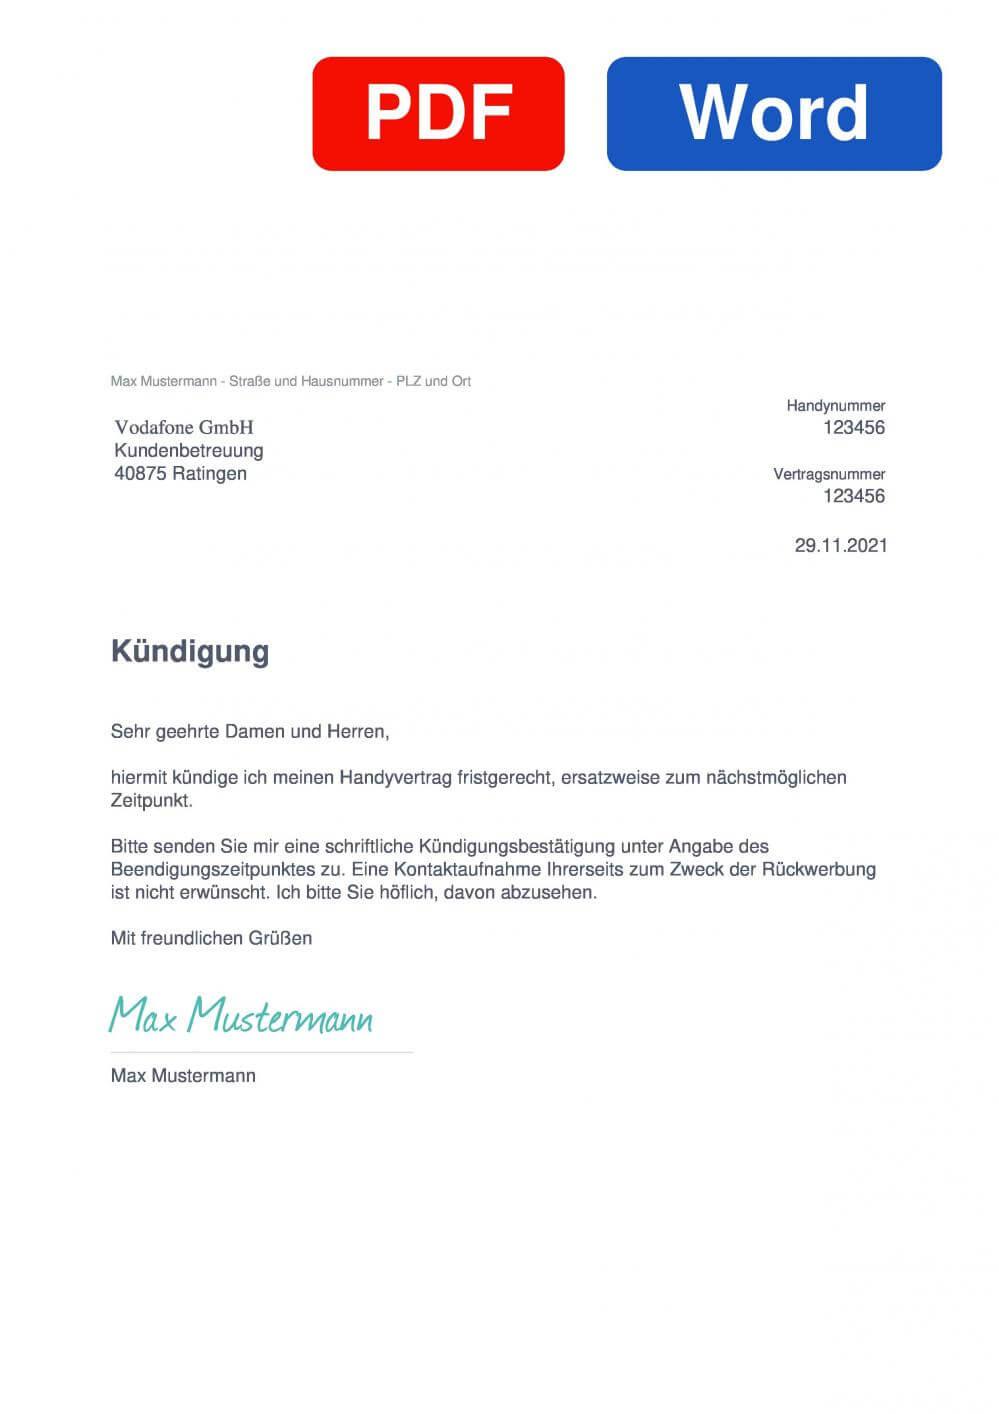 D2 Muster Vorlage für Kündigungsschreiben